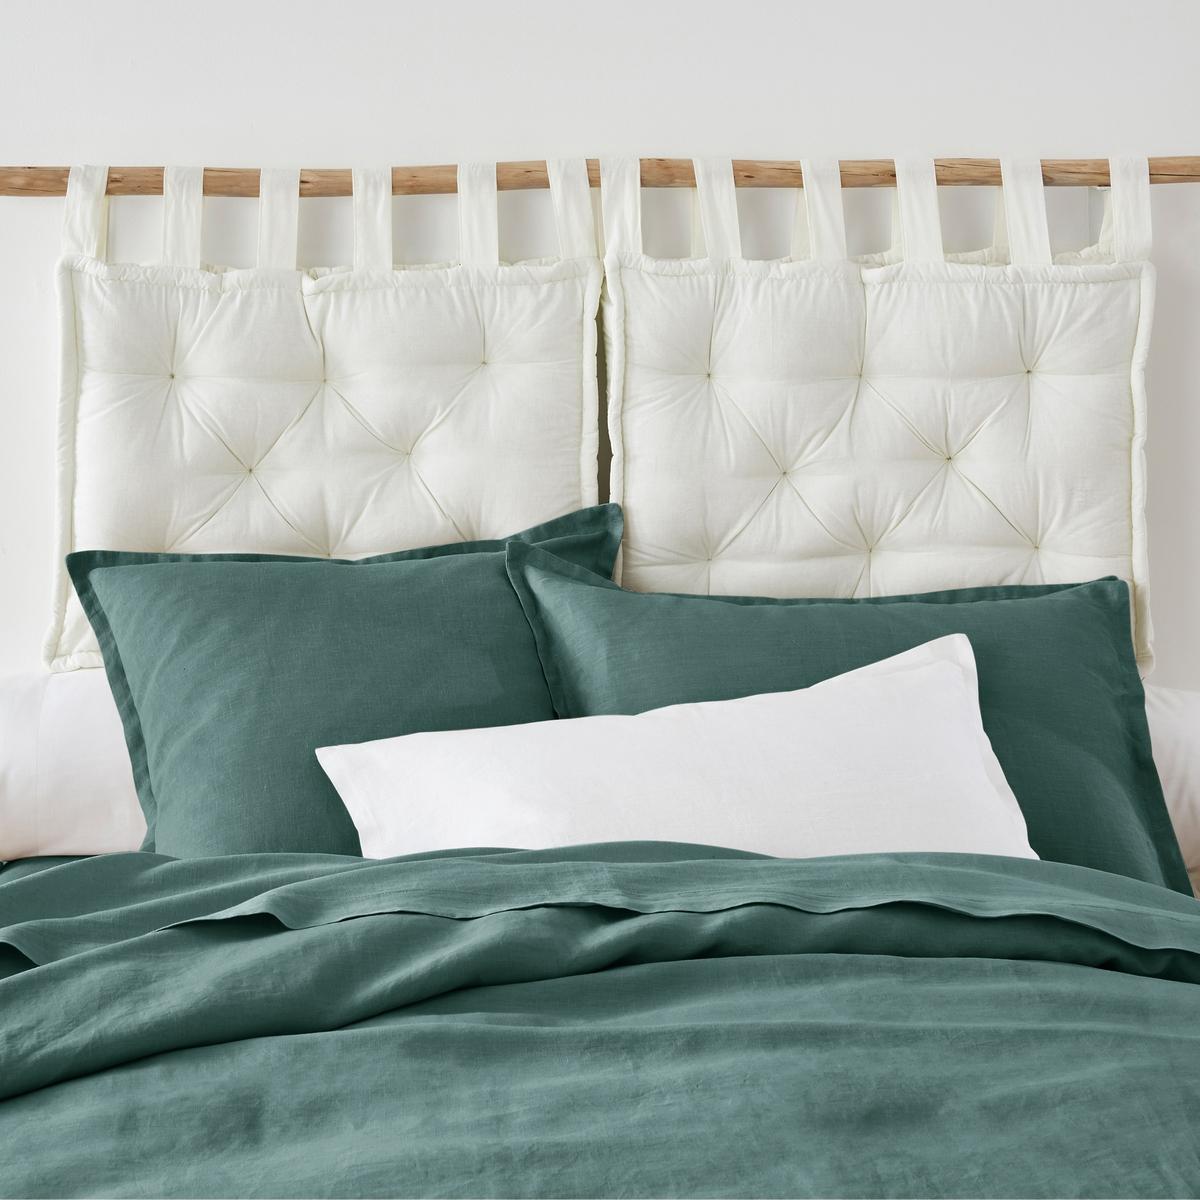 Подушка LaRedoute Для изголовья кровати 50 x 70 см белый чехол laredoute для изголовья кровати stadia 100 лен высота 95 см 95 x 10 x 160 см серый